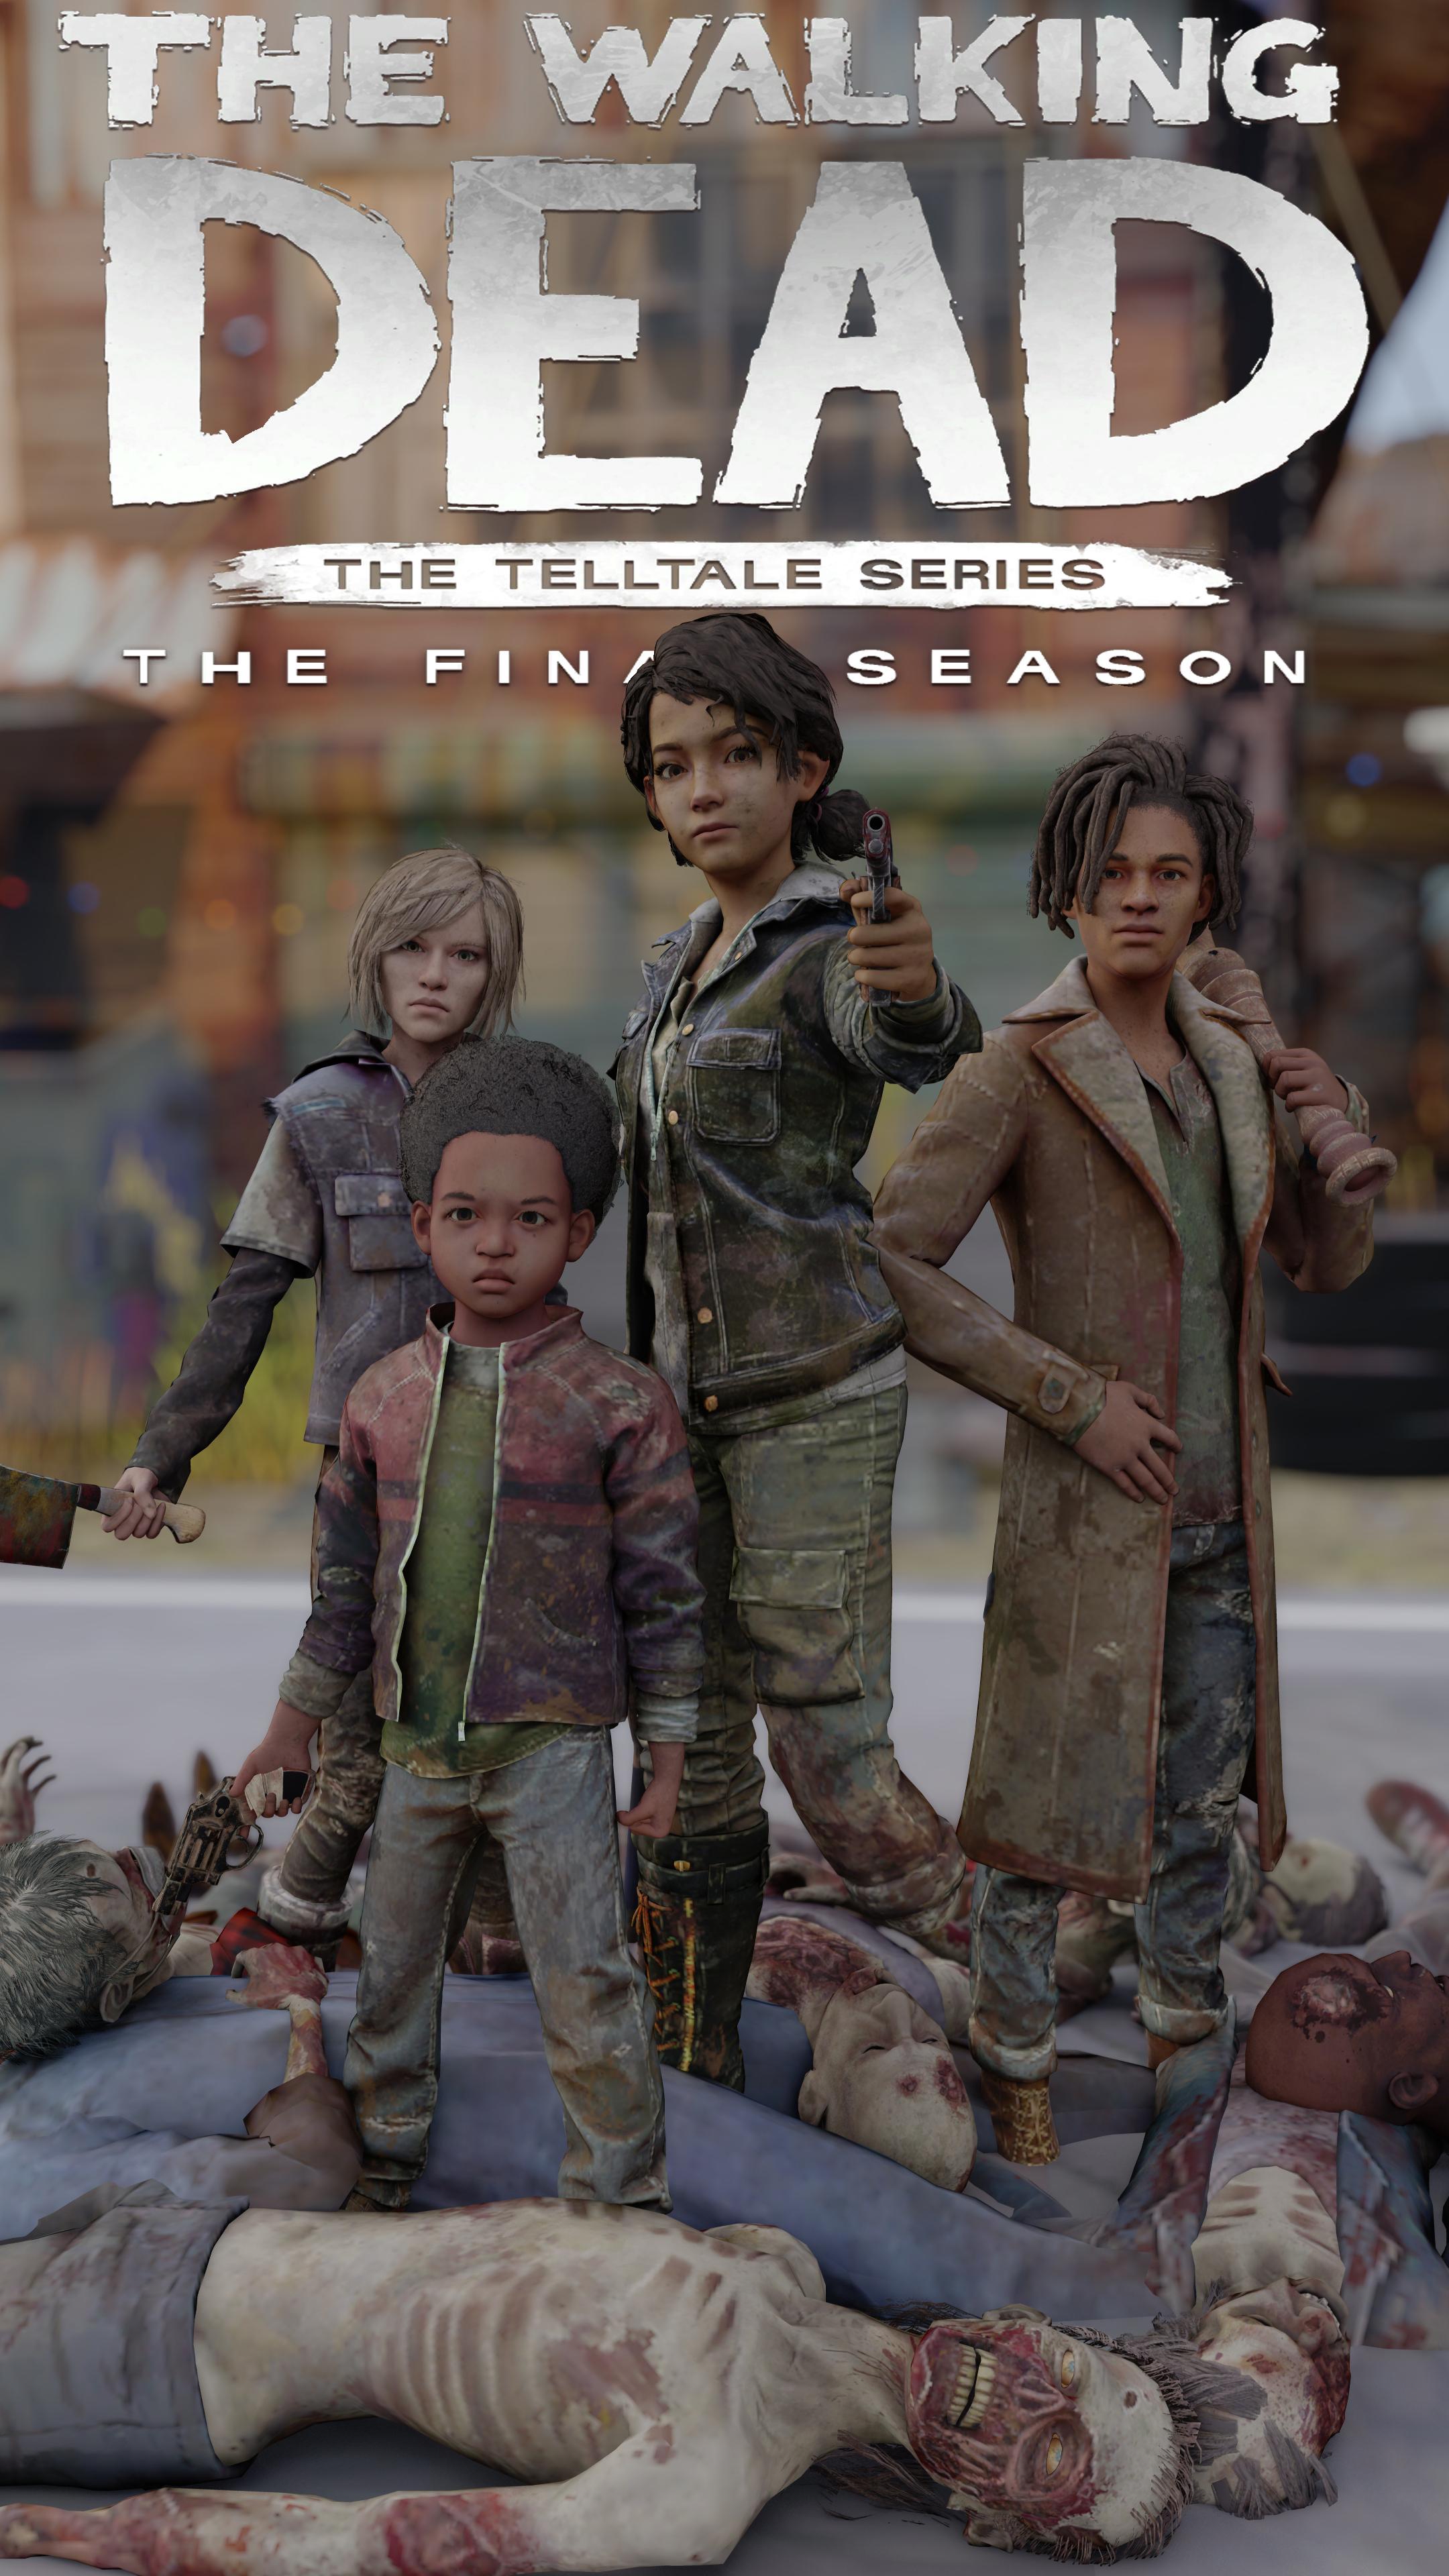 The Walking Dead The Final Season Wallpaper Phone By Wuzere On